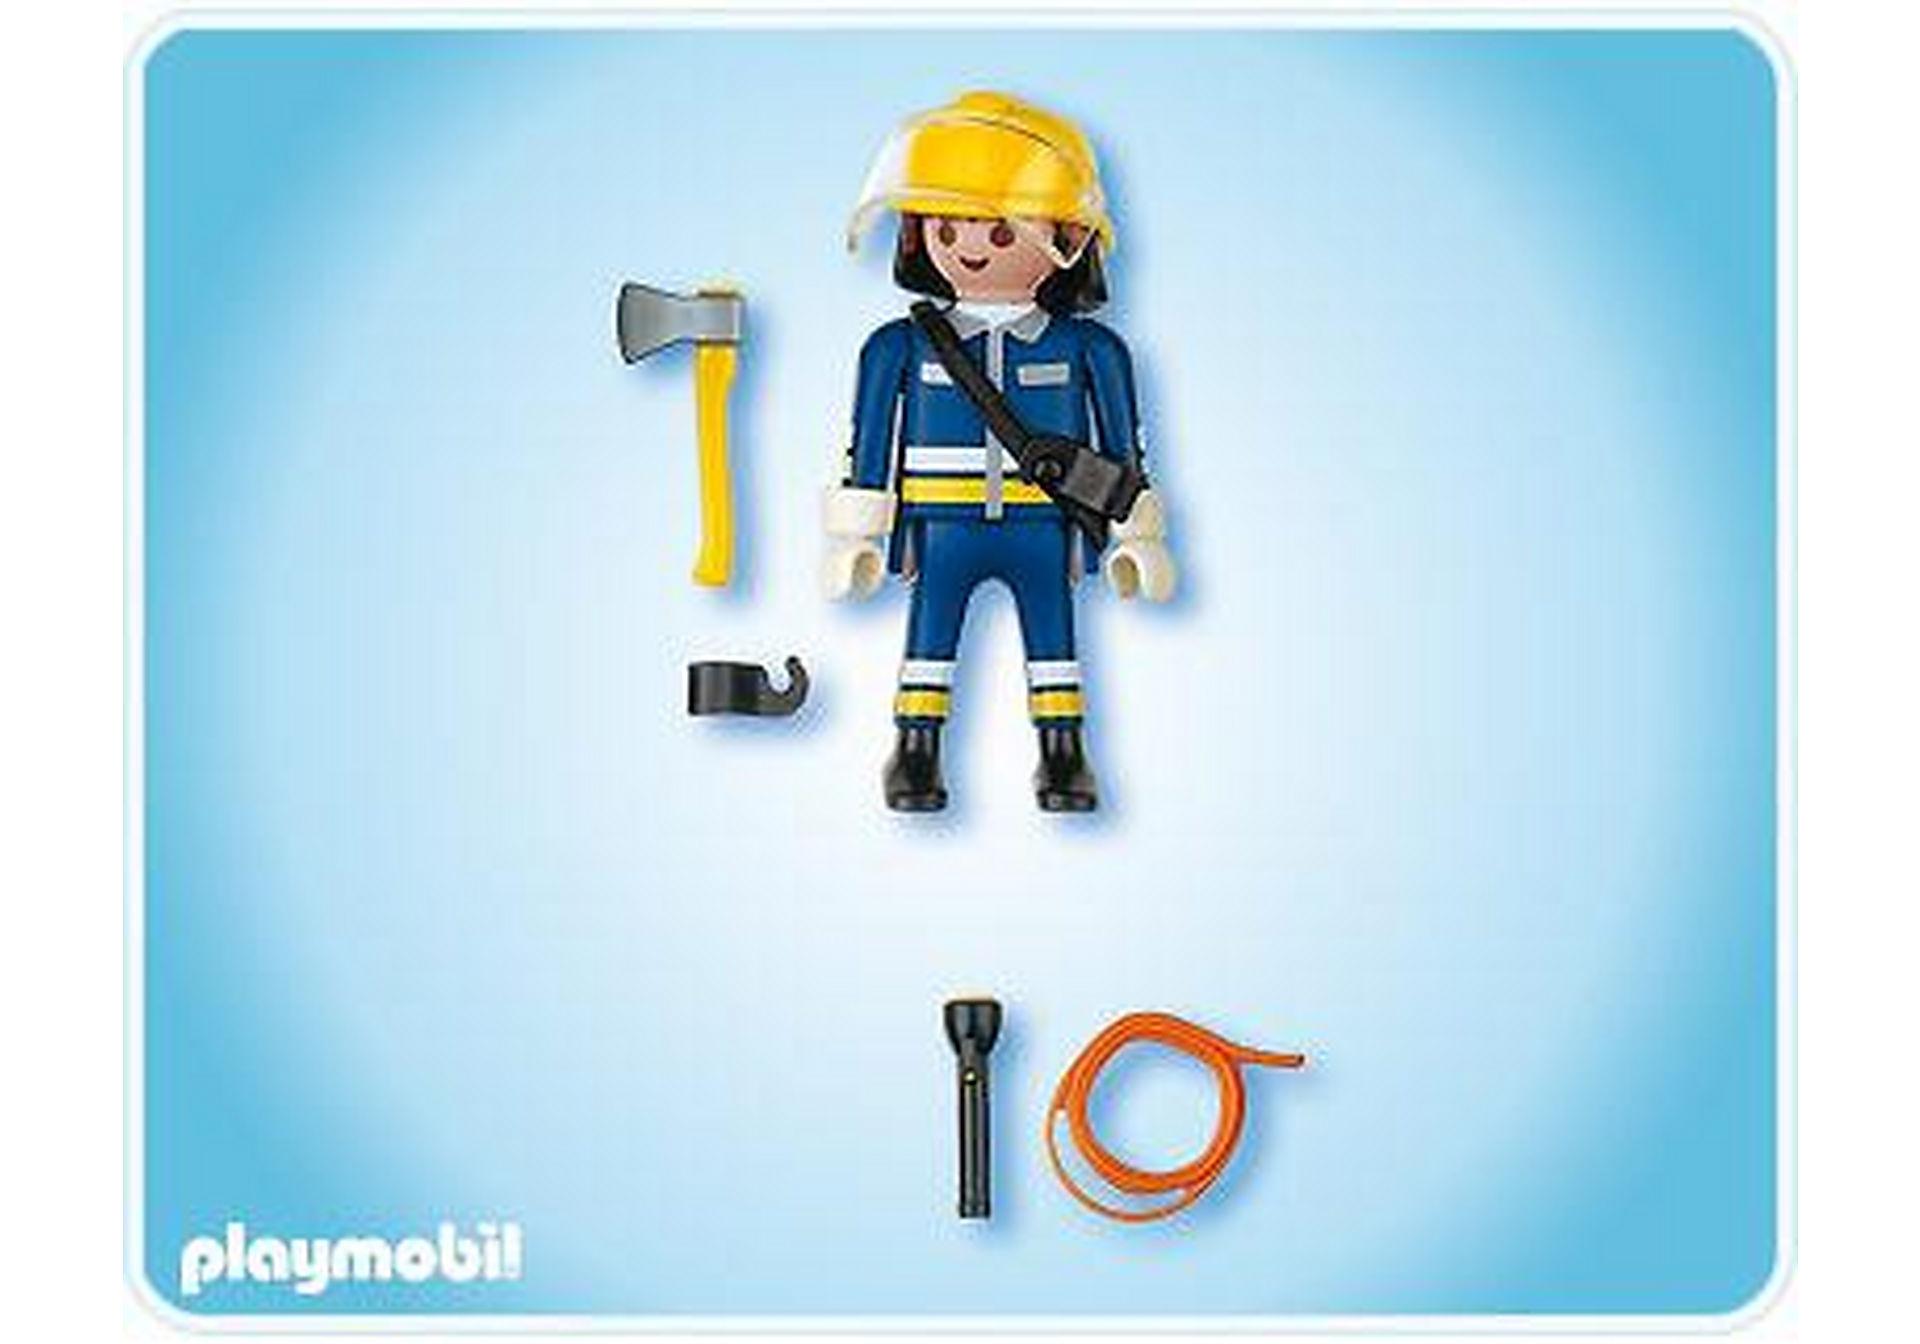 4675-A Feuerwehrmann zoom image2